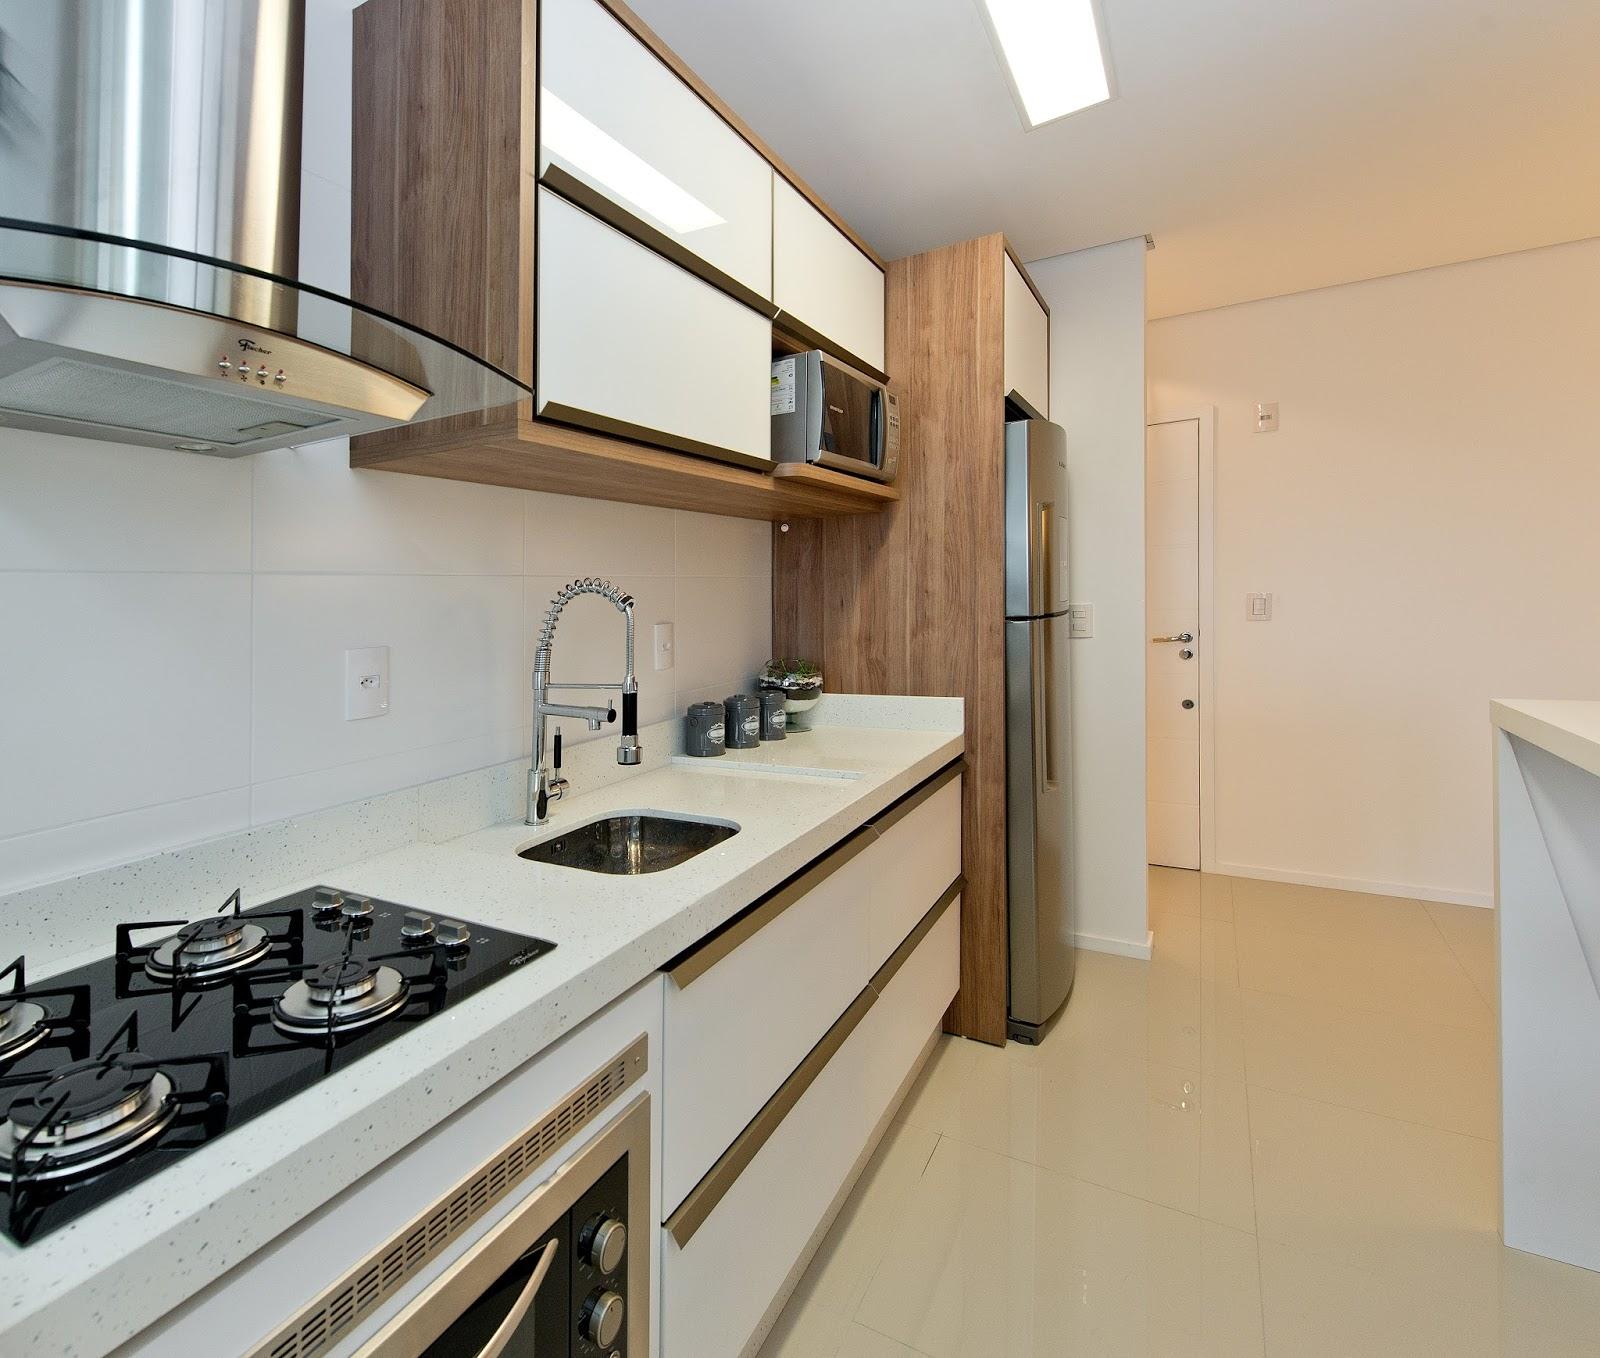 #624B34  Amplia Espaços e Transforma Apartamento Compacto em Grande Lar 1600x1358 px projeto banheiro compacto